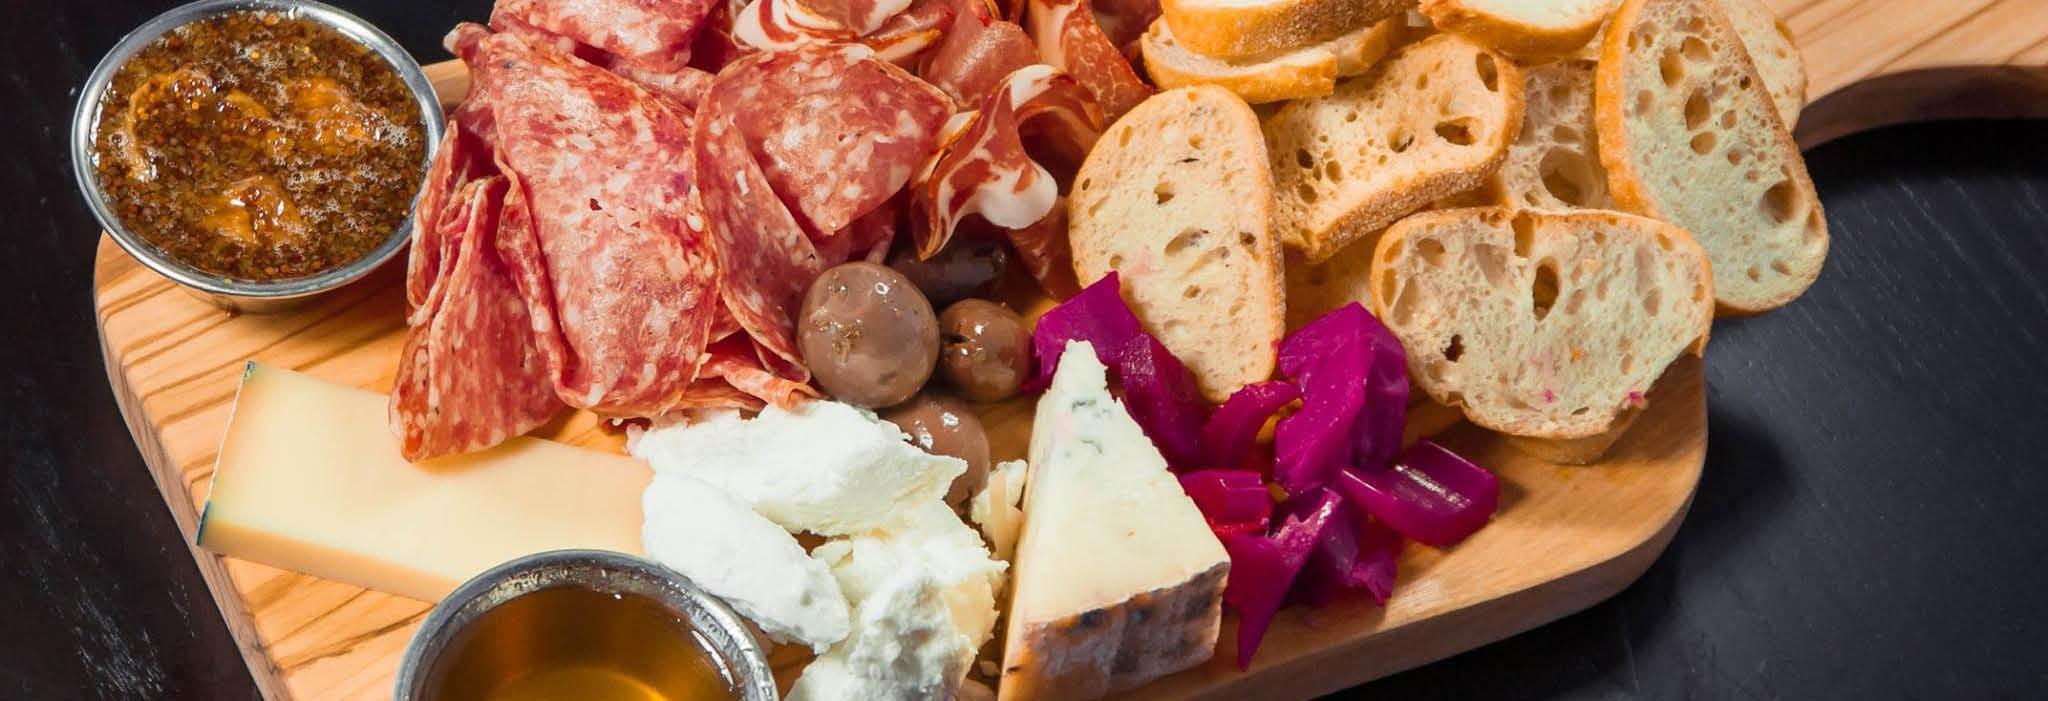 palio ristorante italian restaurant grand rapids michigan rustic authentic italian restaurant